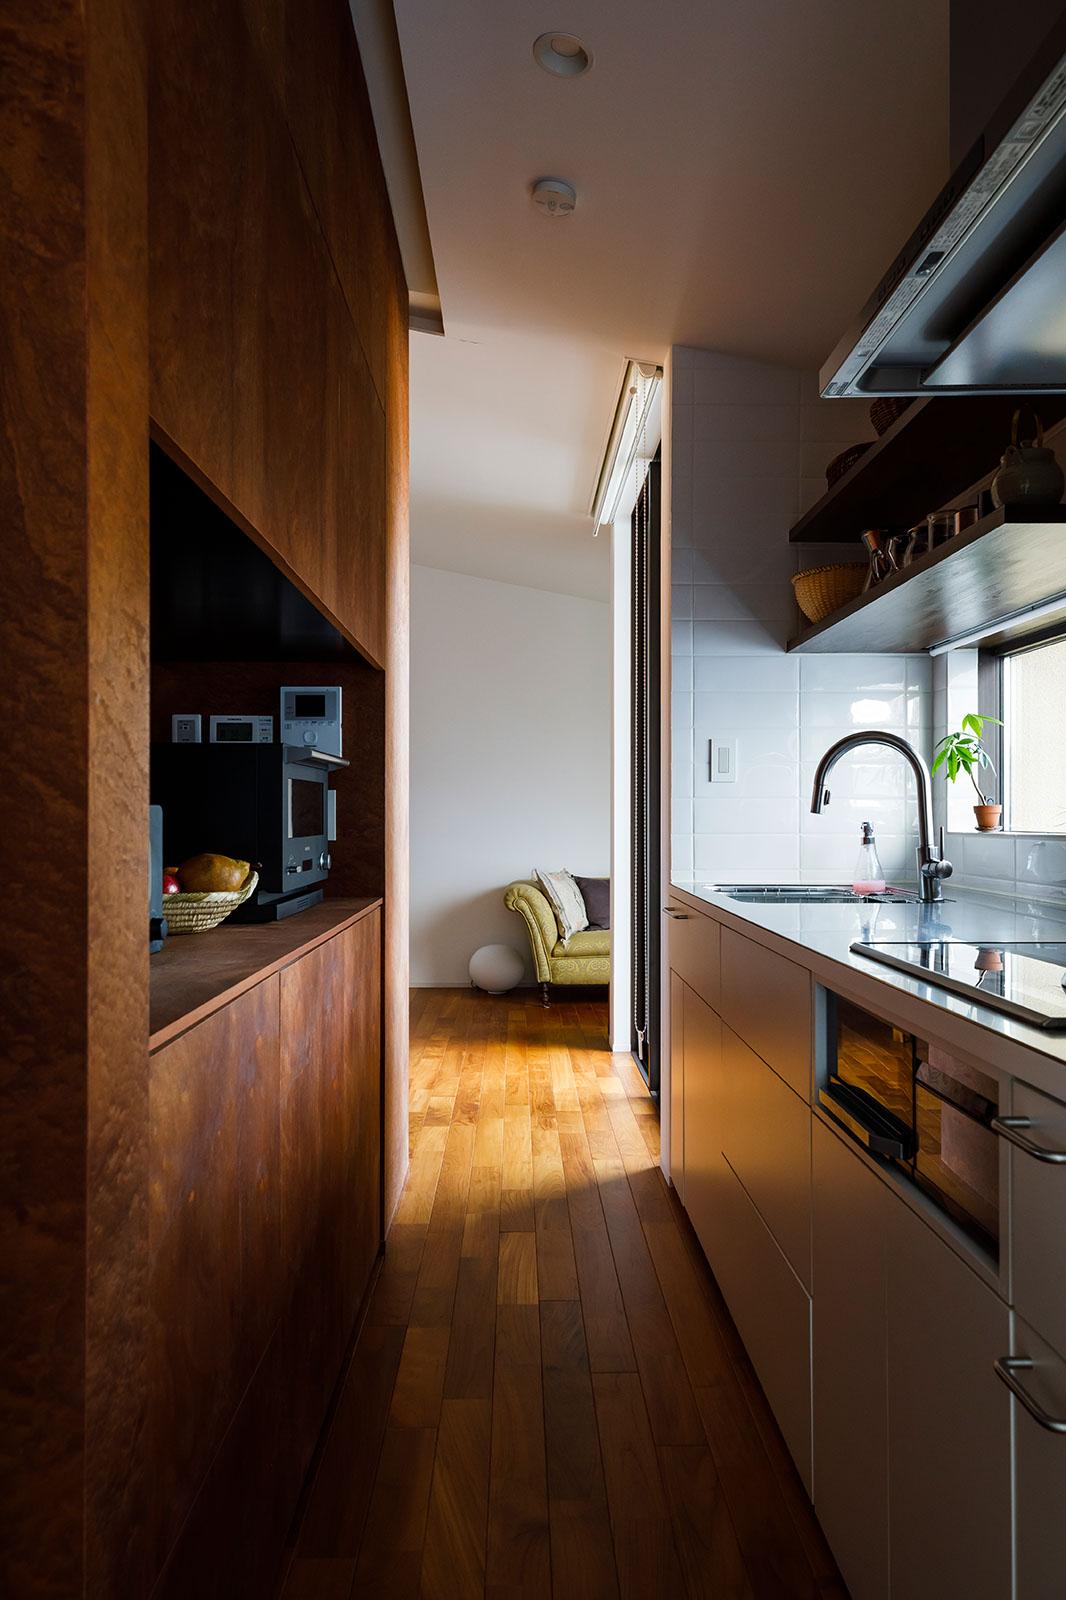 側面のキッチン側も同じ造作収納が壁代わりとなっている